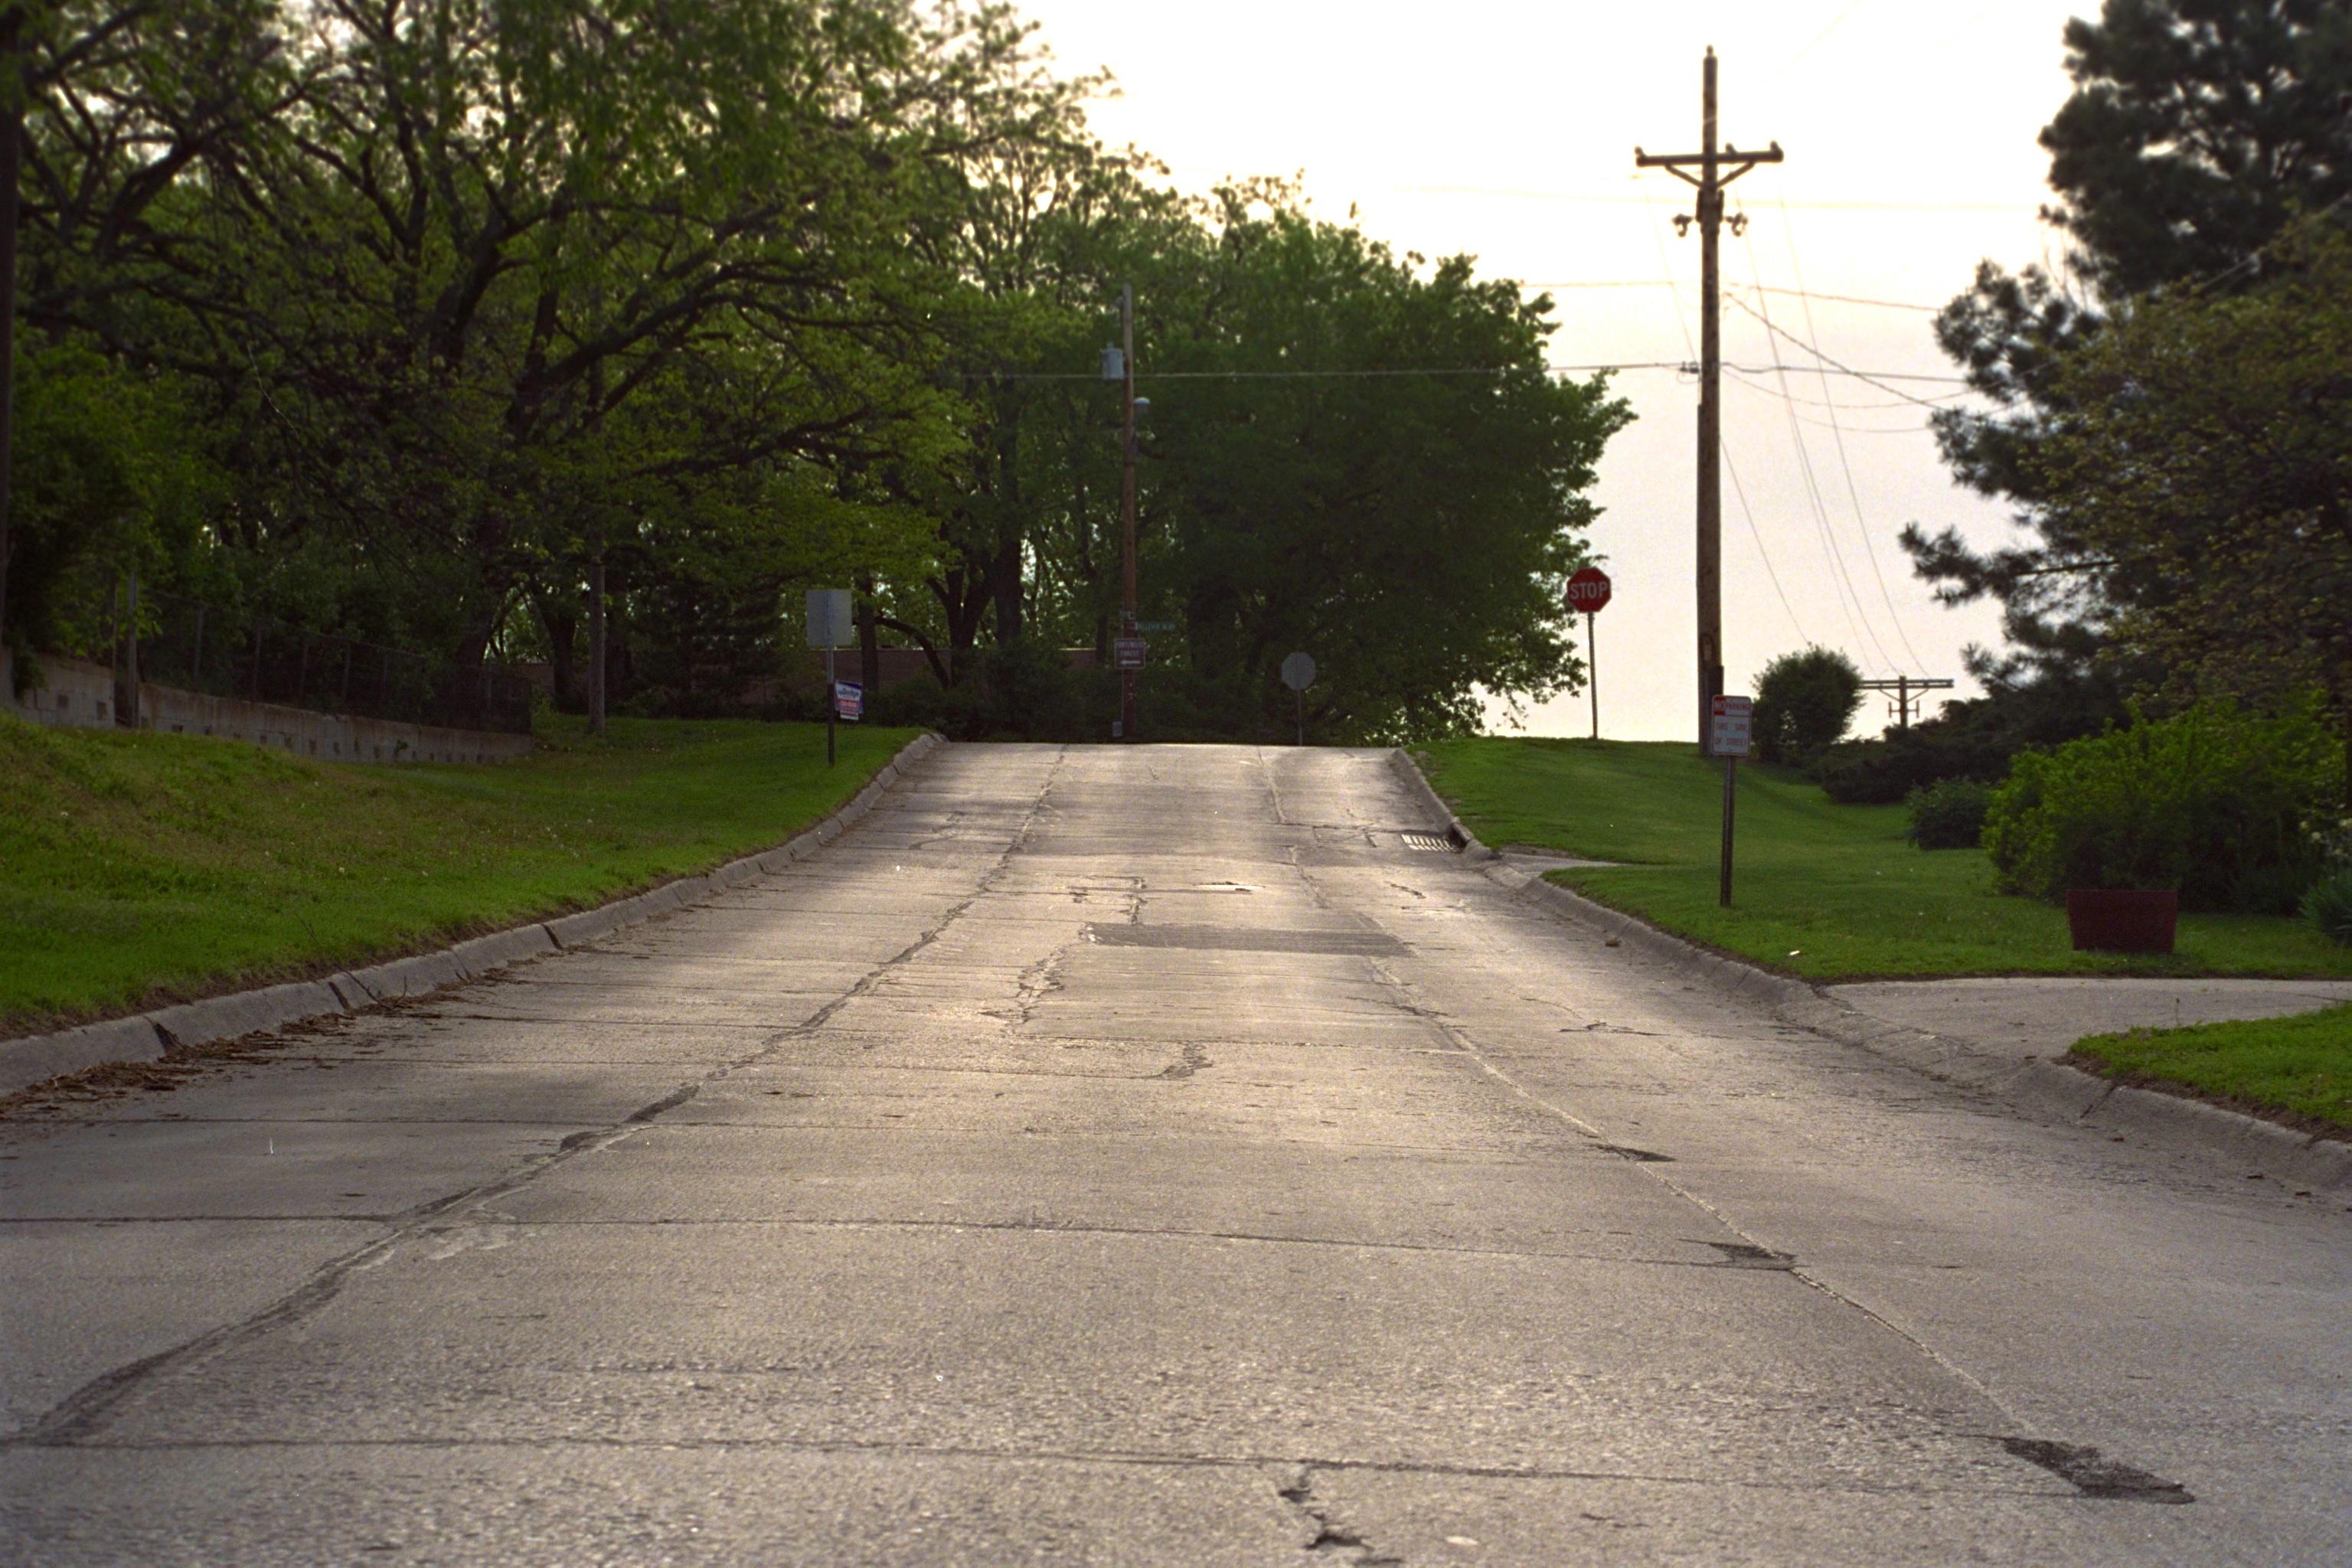 Childs Road, Blick auf den Hügel zu Bellevue Ave. up – Frühjahr 1992